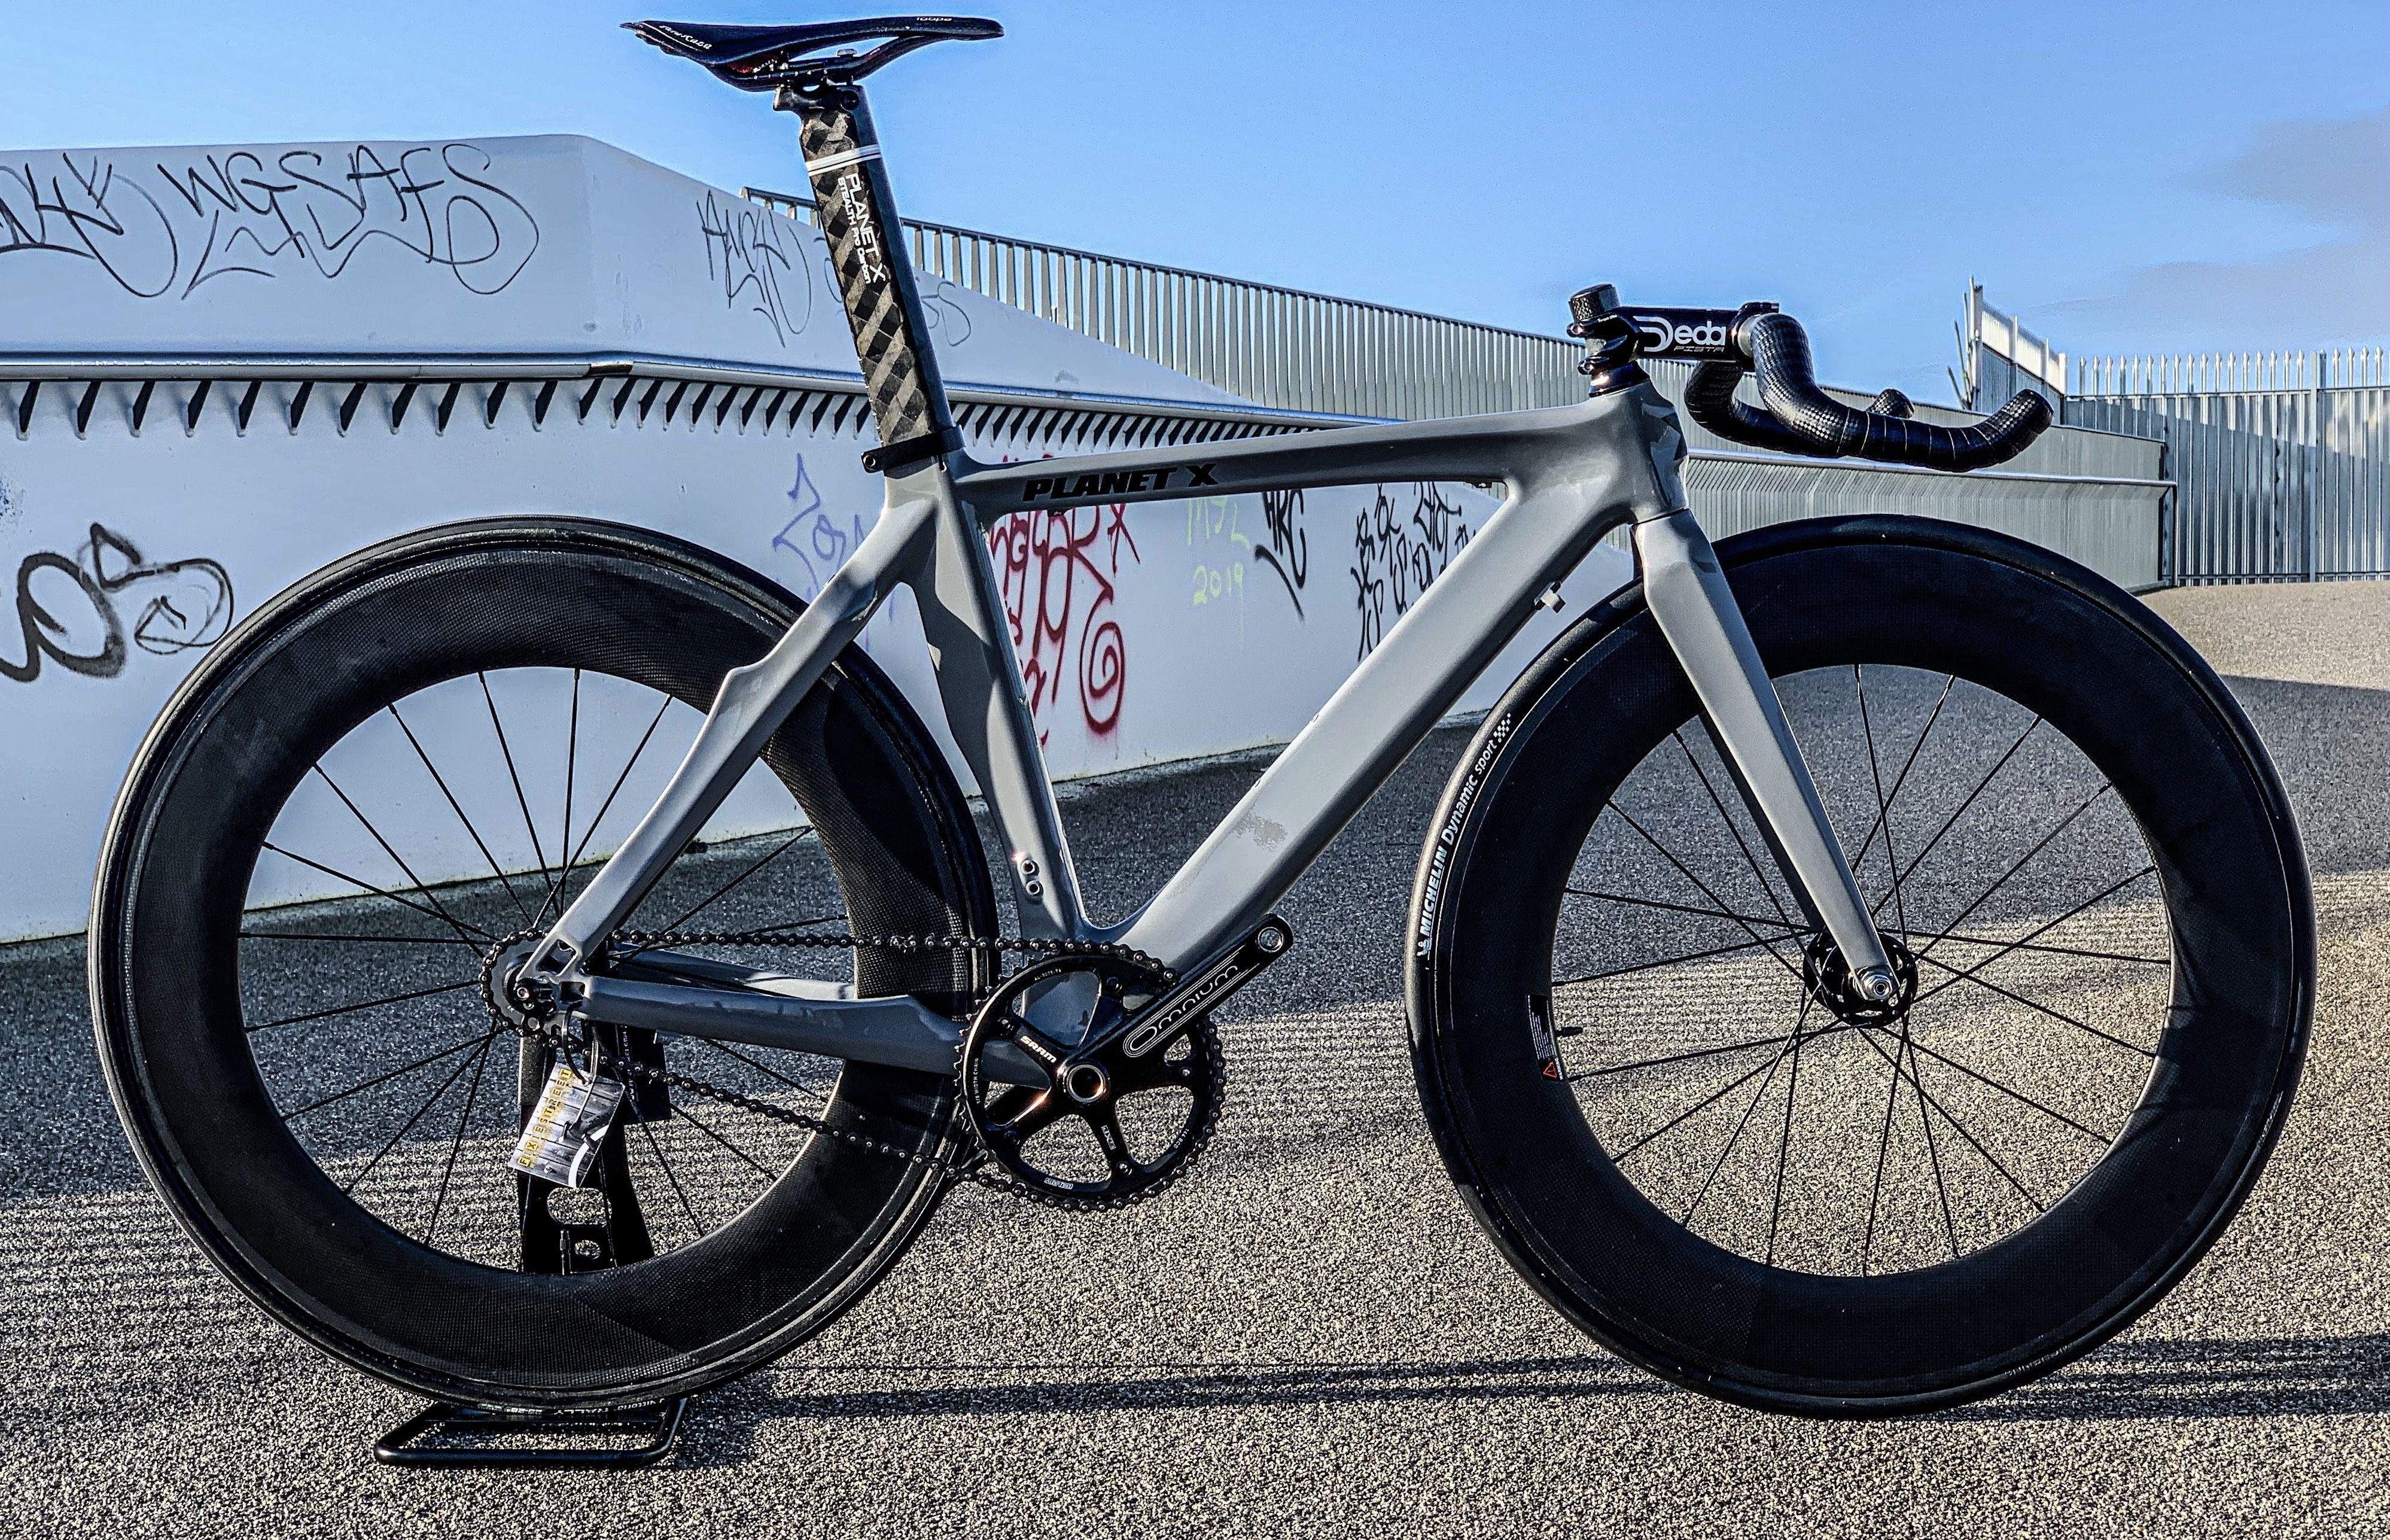 Nardo Grey Planet X Pro Carbon Bike Shop Bicycle Bike